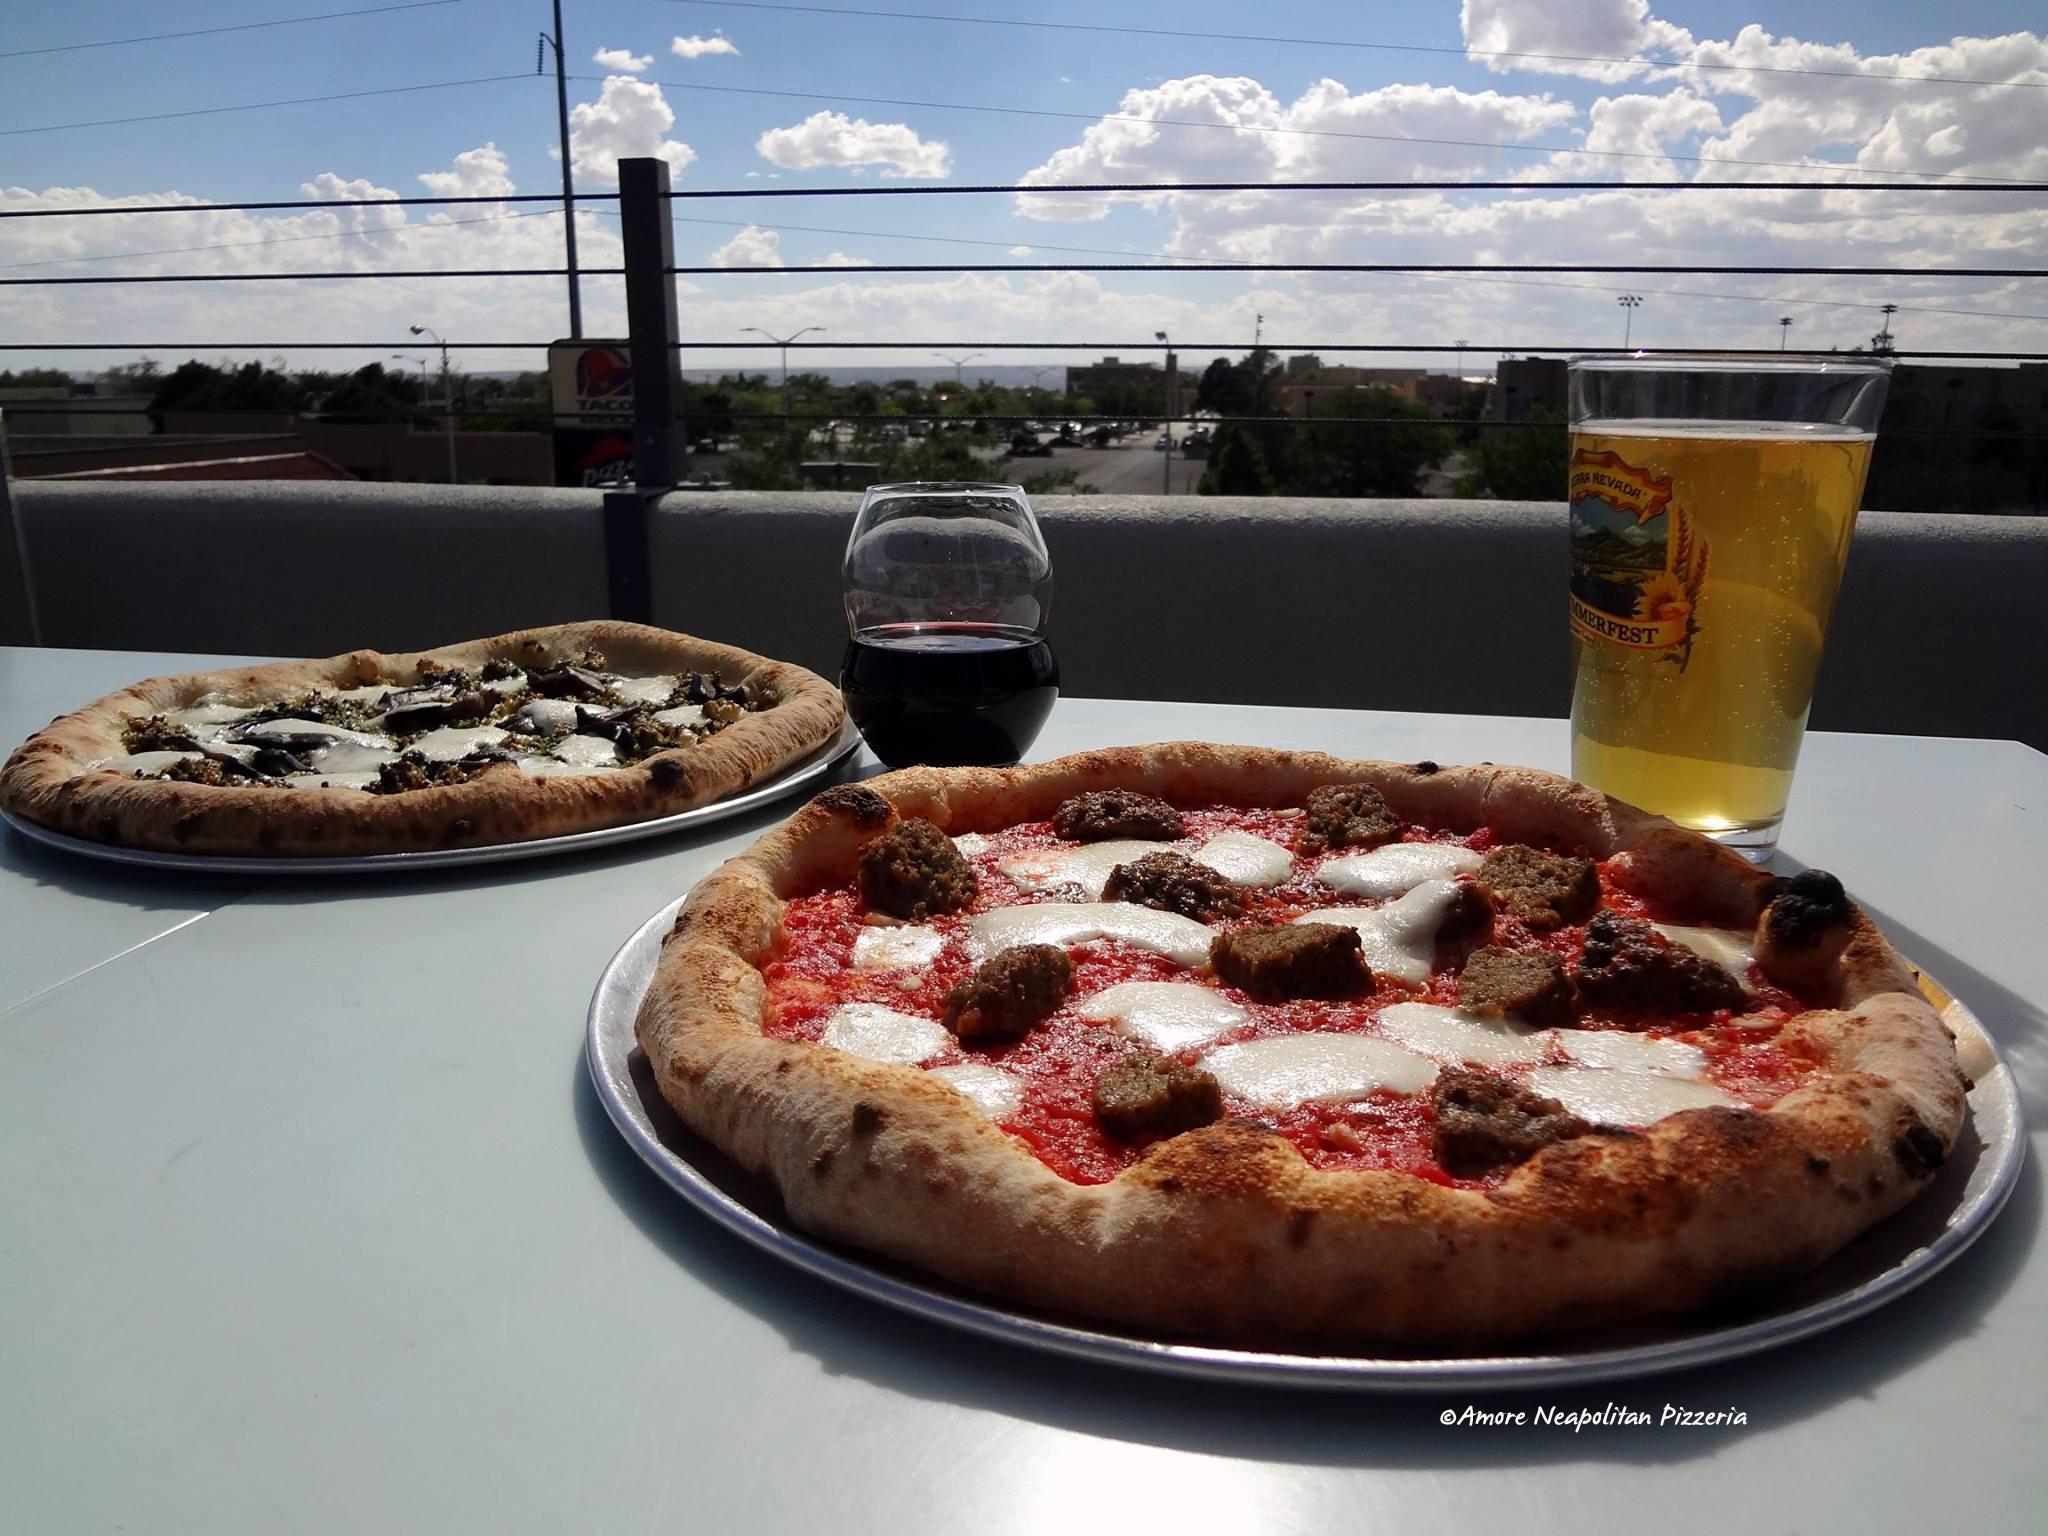 Amore Neapolitan Pizzeria in Nob Hill, Albuquerque